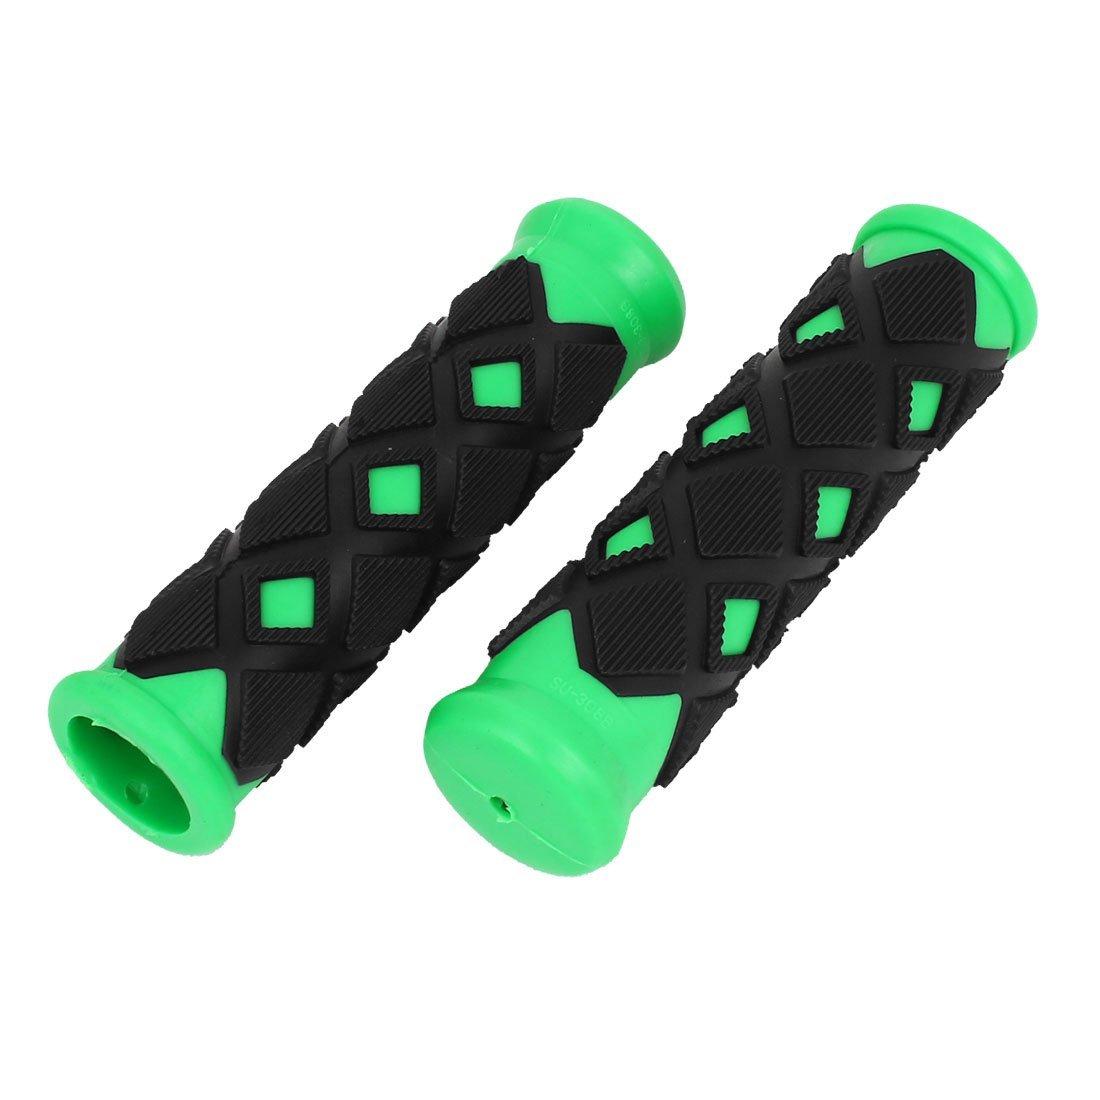 Losanga disegno di gomma antiscivolo manubrio della bici Grip 2 pezzi nero verde